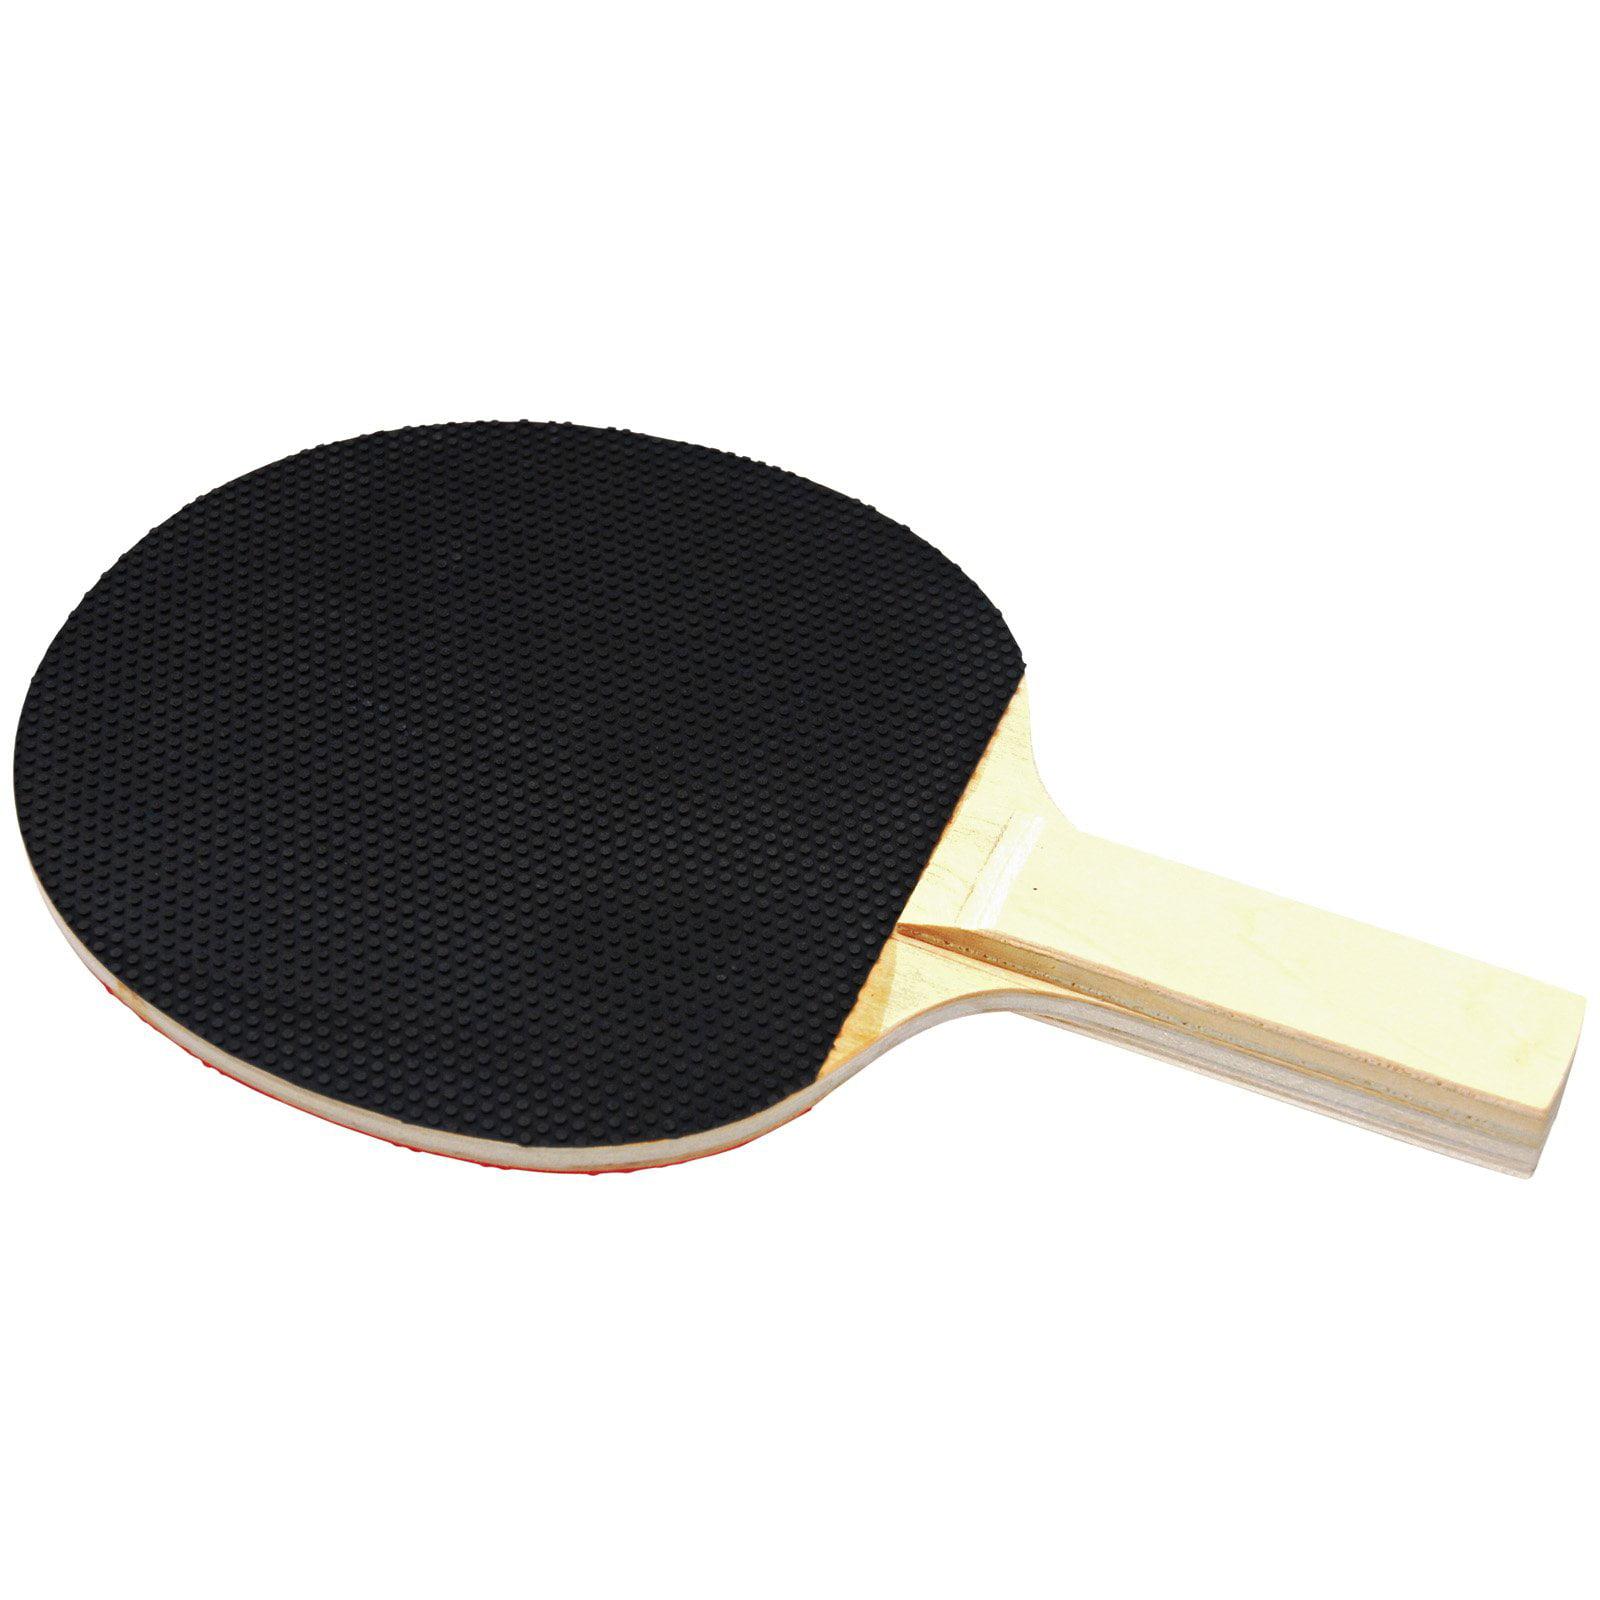 Stiga Hardbat Racket